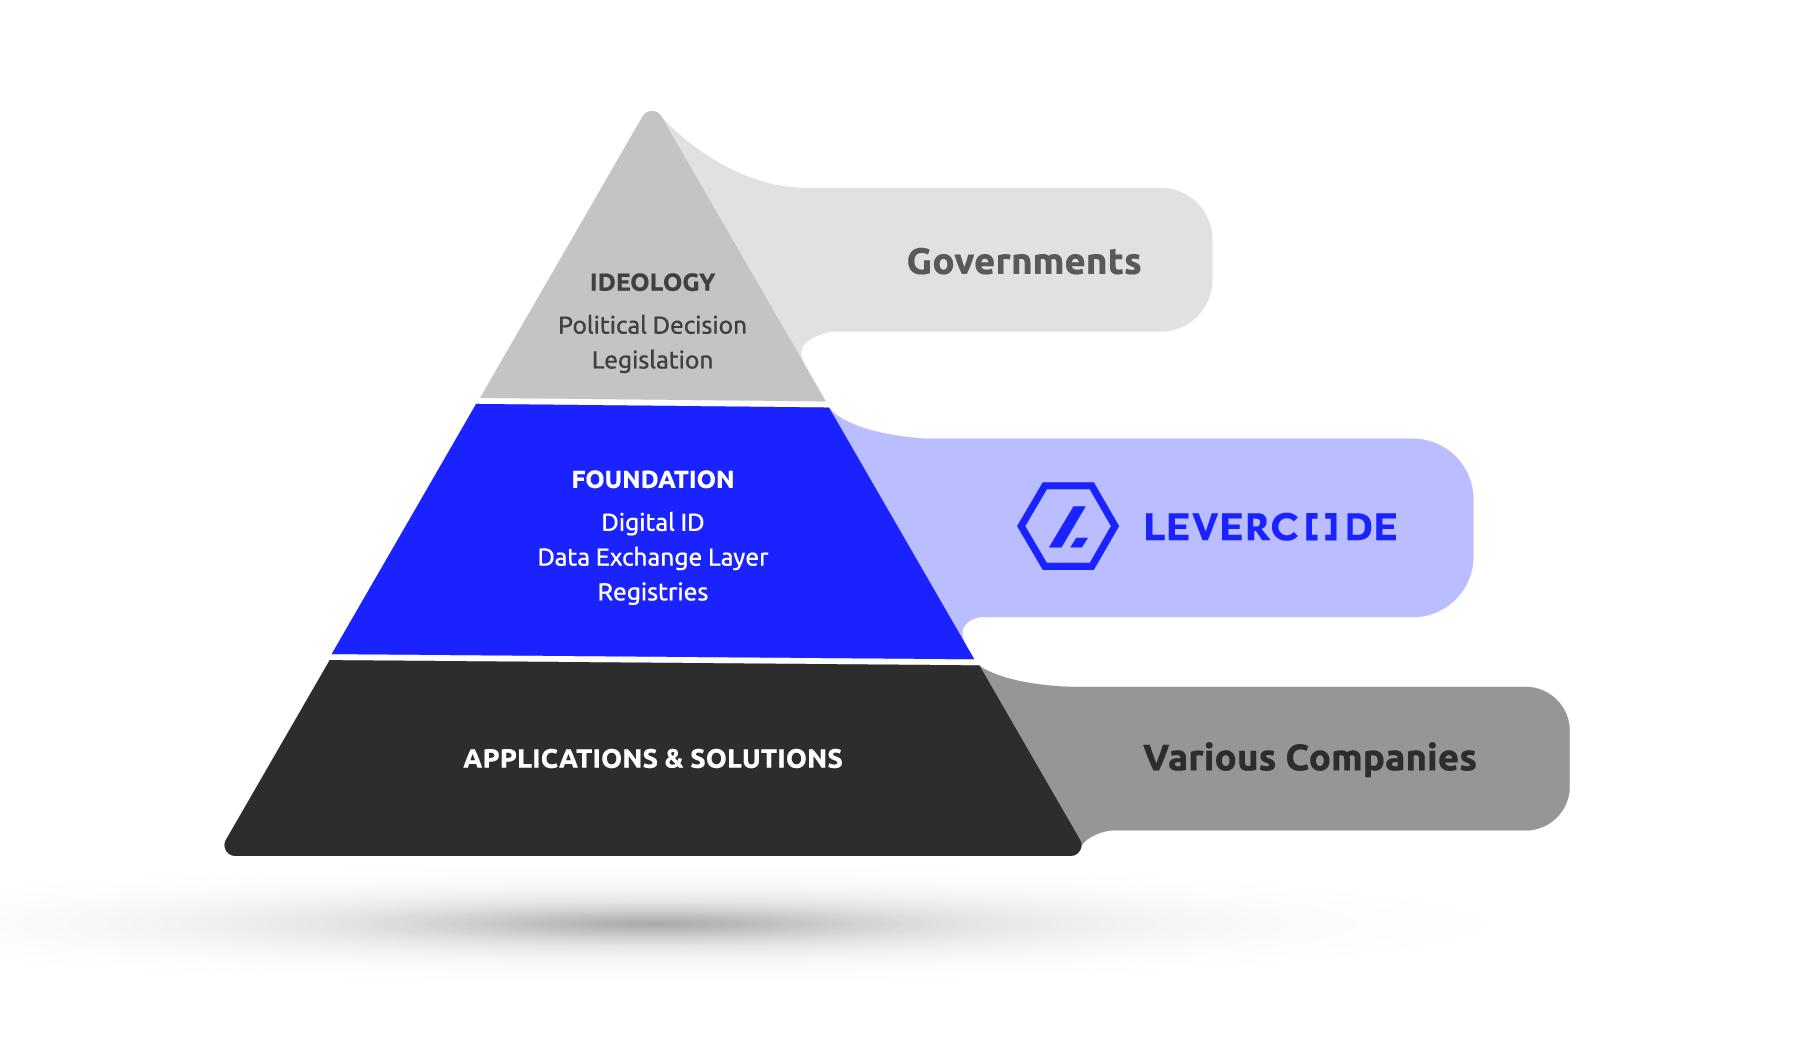 Levercode Pyramid